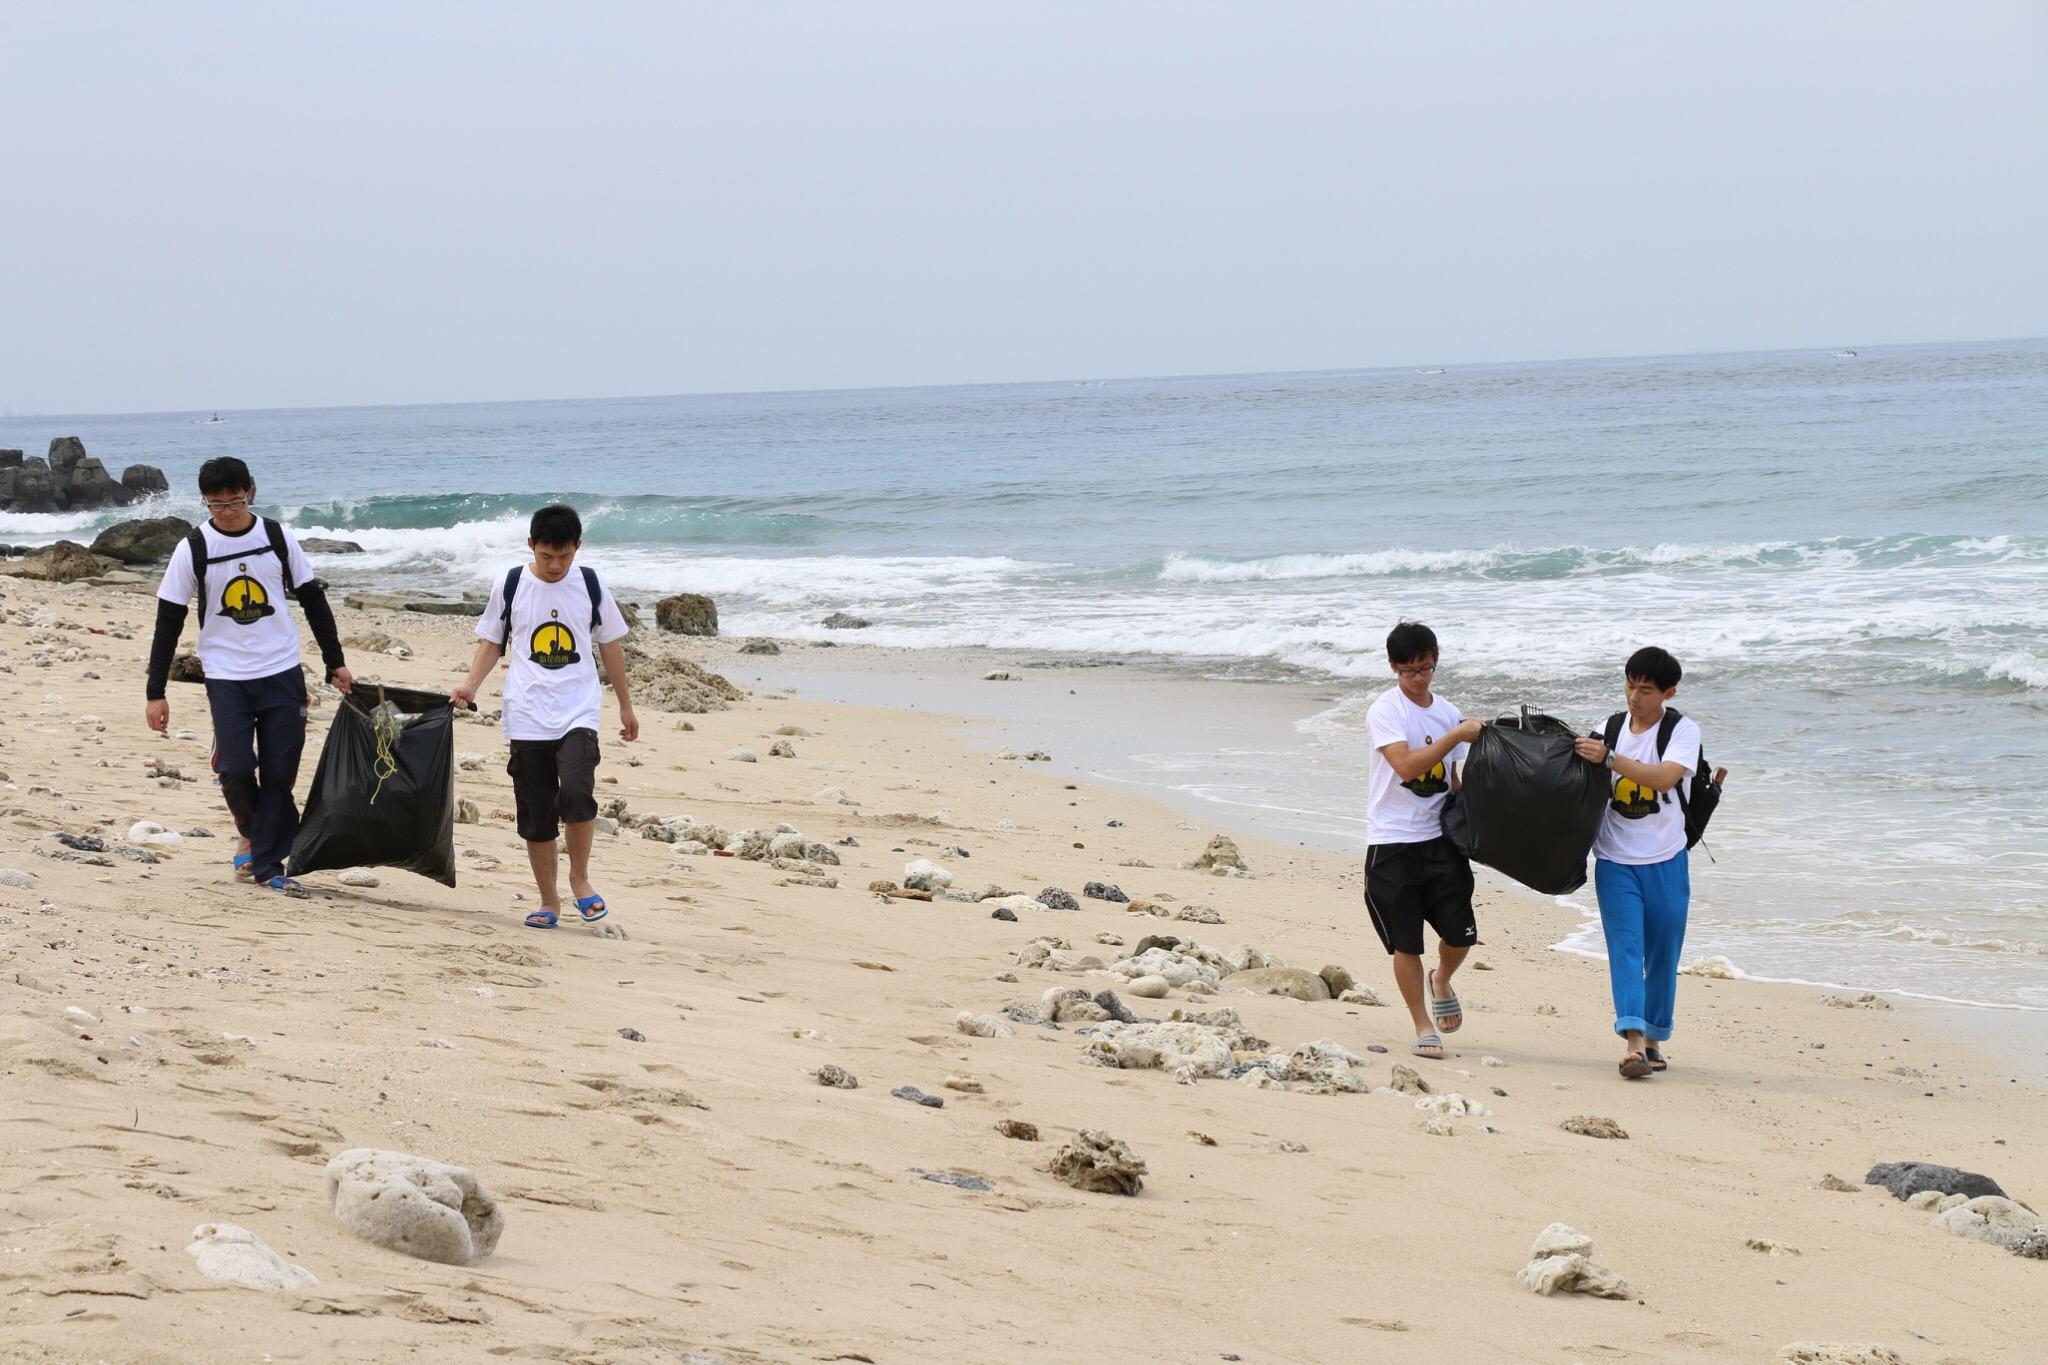 通稿照片04_中原大學長期推廣環境服務課程,透過學生將精神帶到小琉球熱門觀光地區.JPG